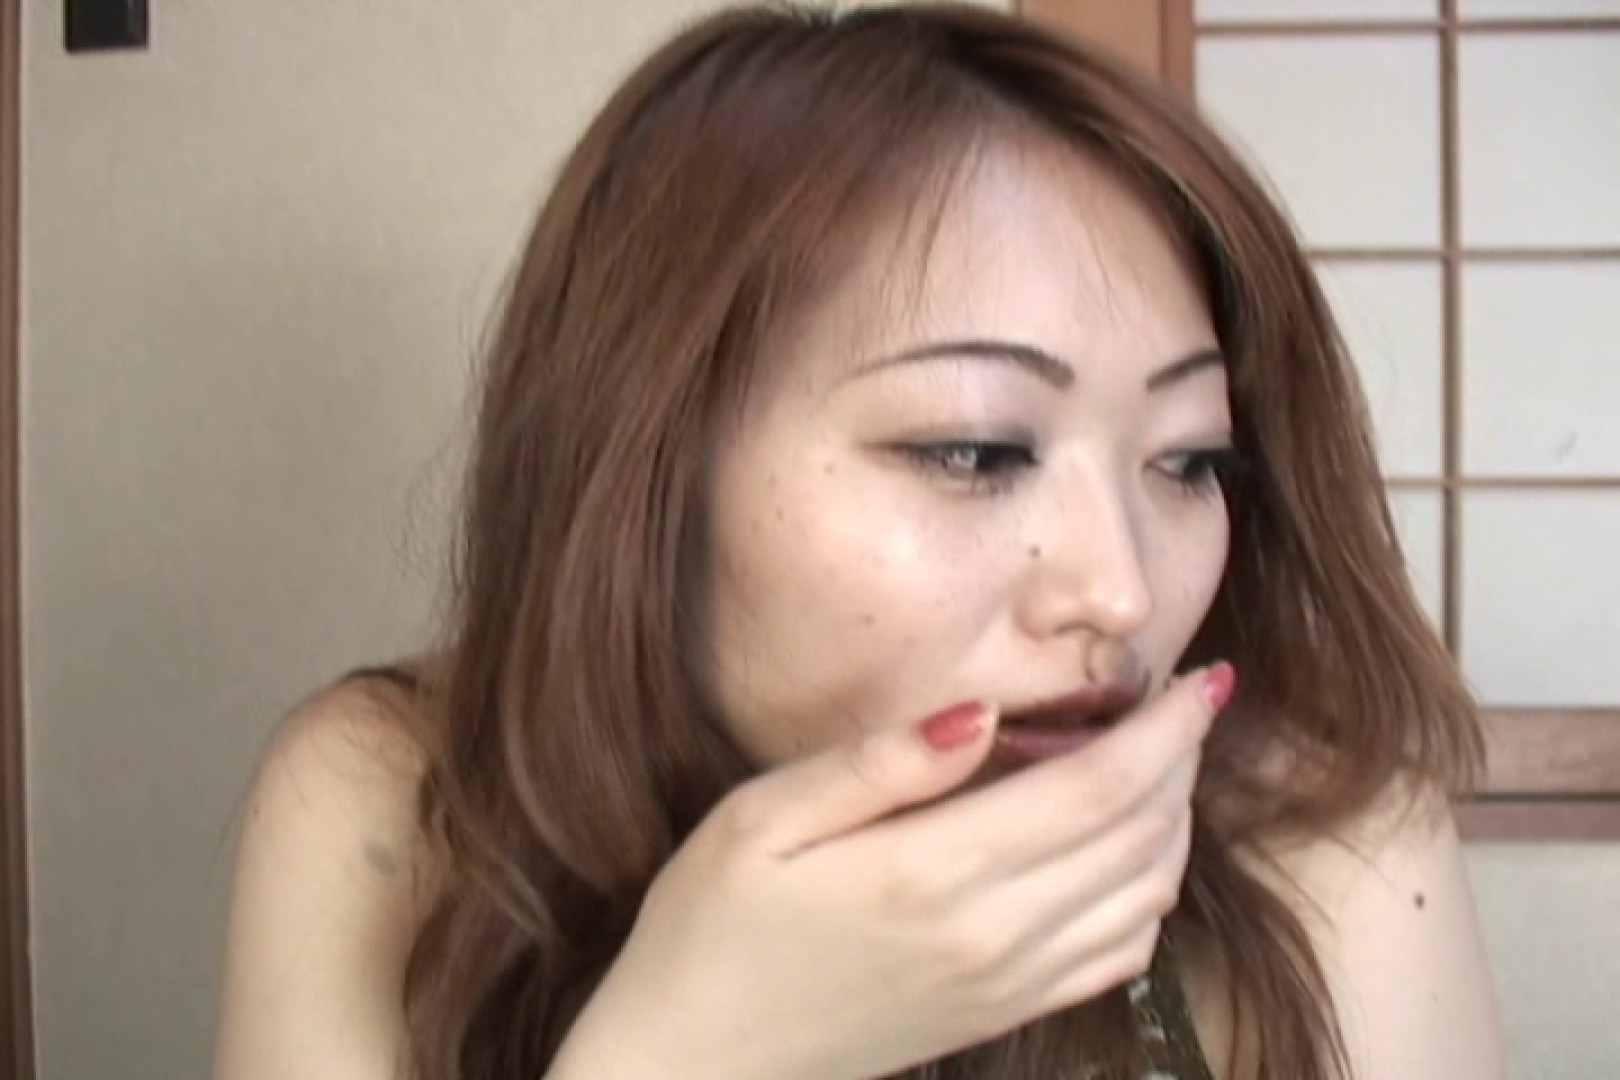 仕事で月200本のチンポを相手する22歳若人妻~桜井あい~ 熟女  22連発 8